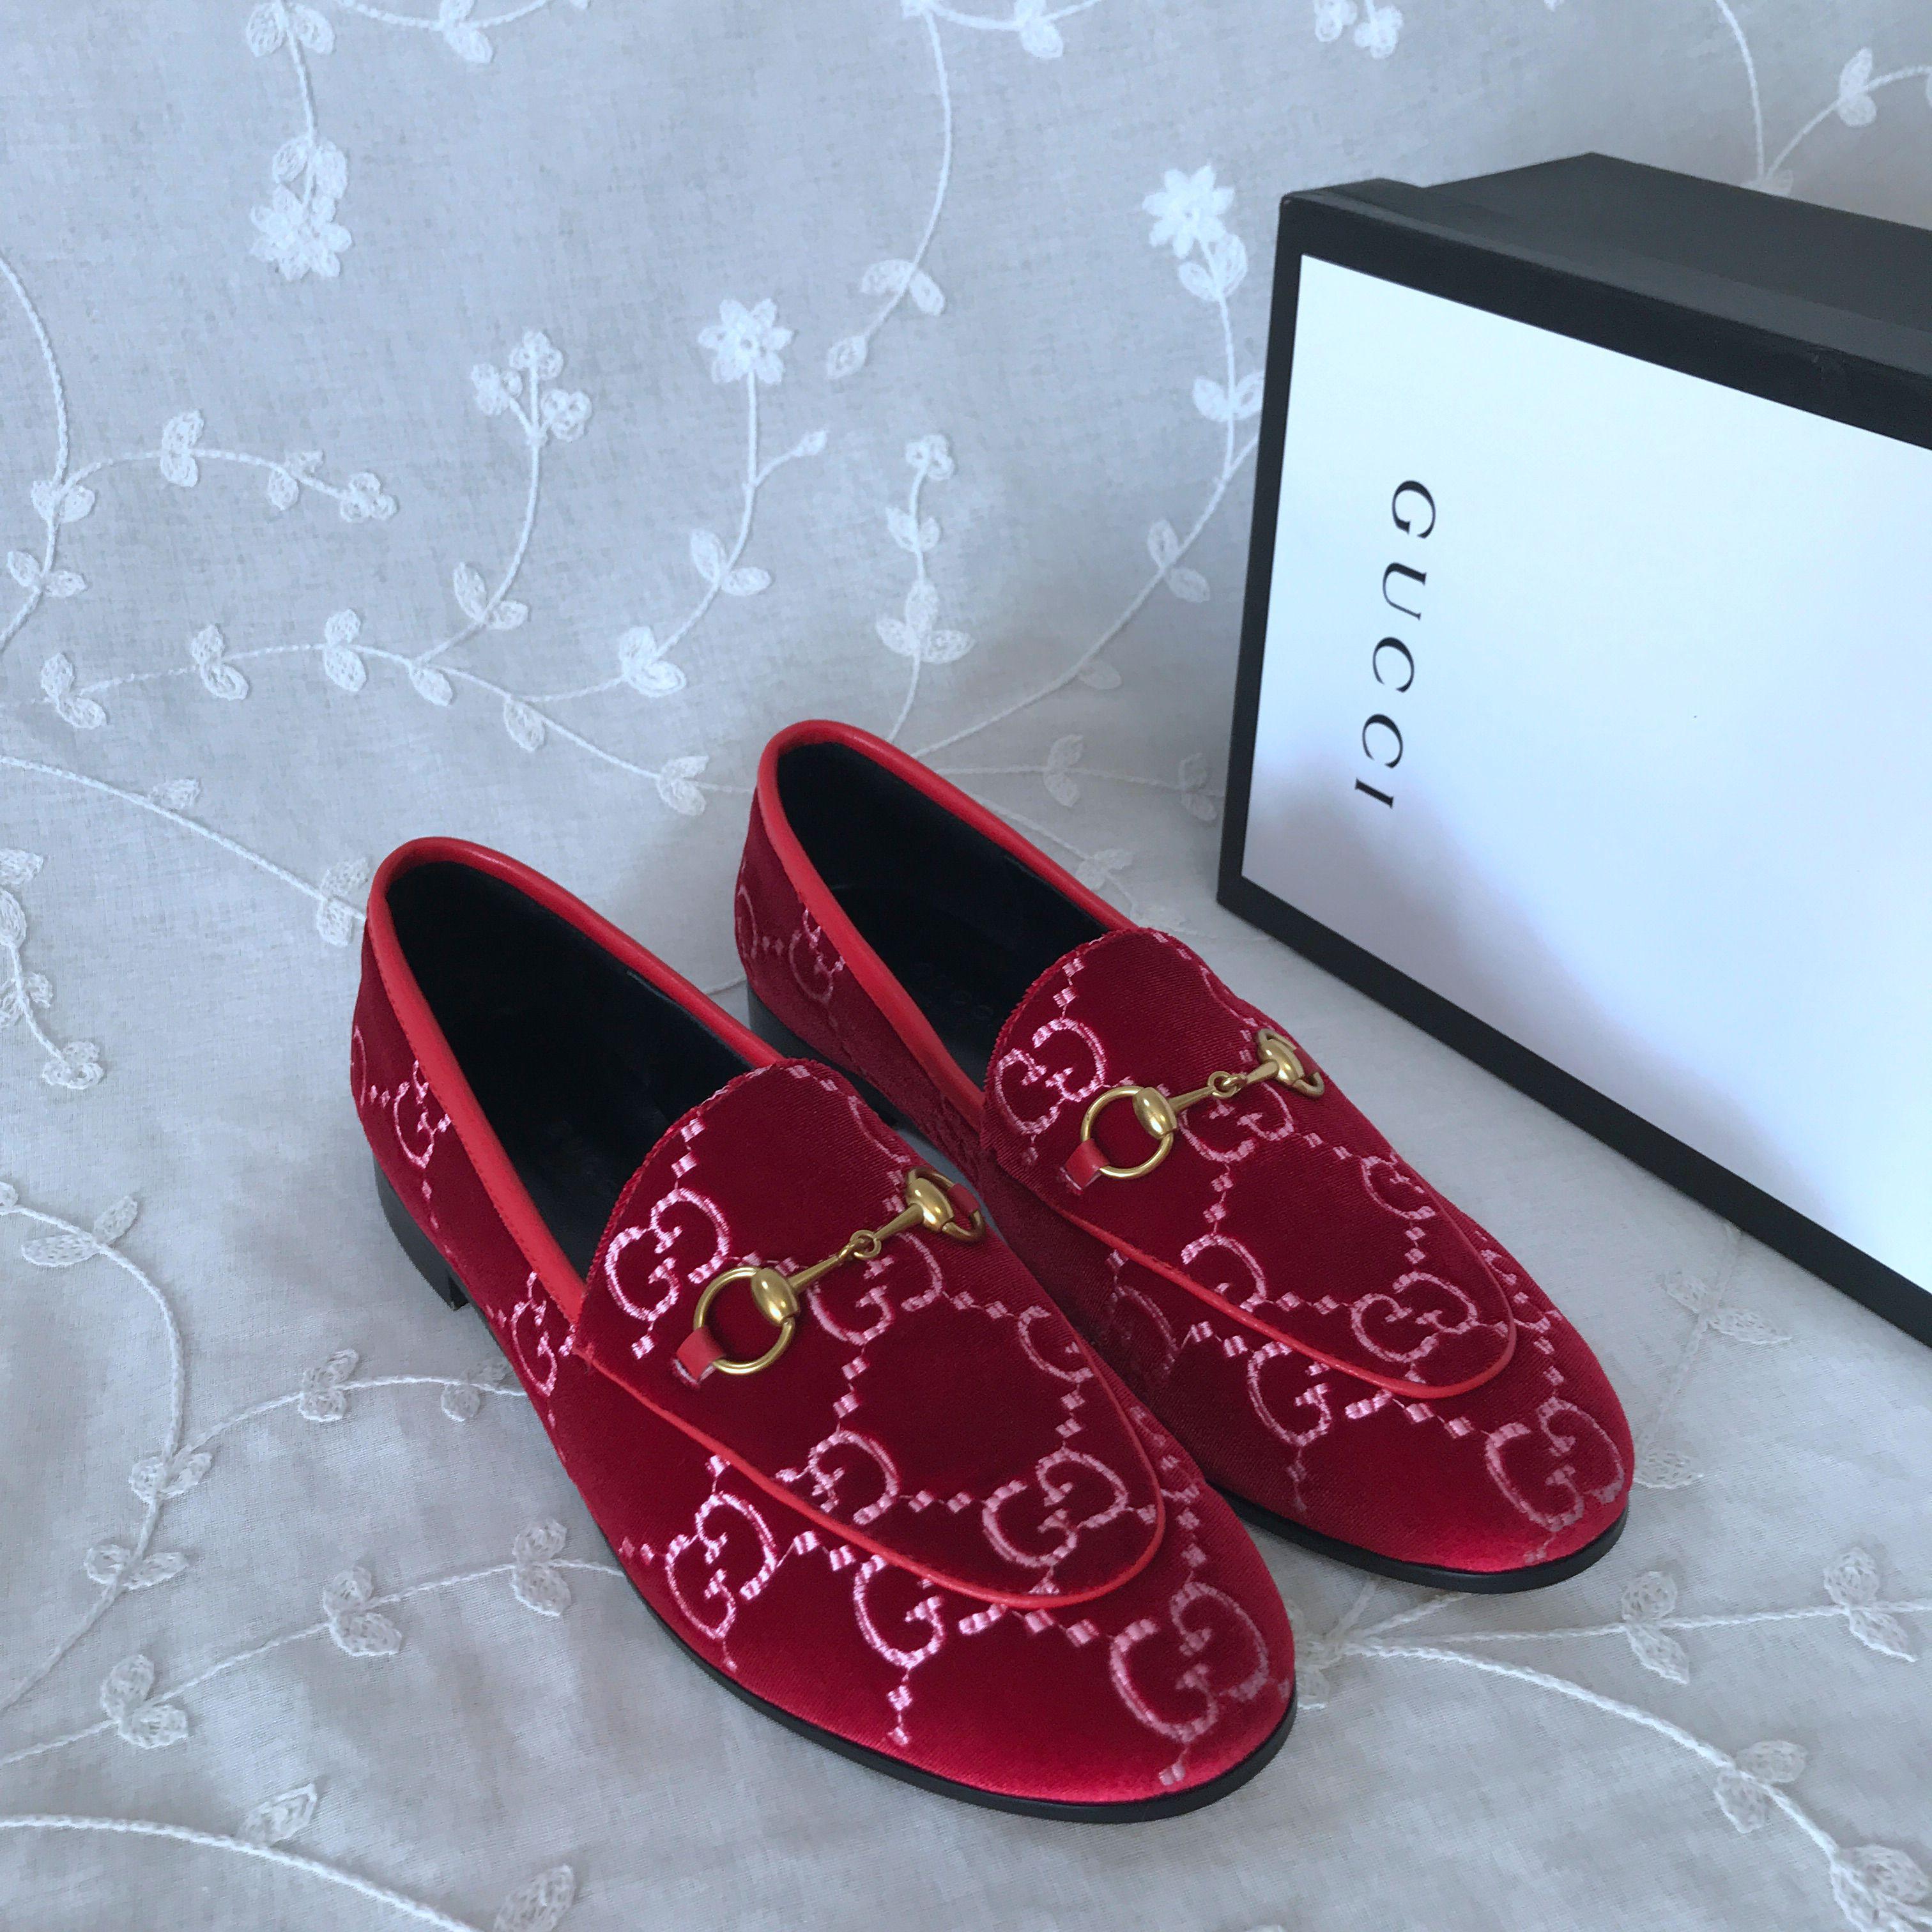 Gucci Woolen shoes